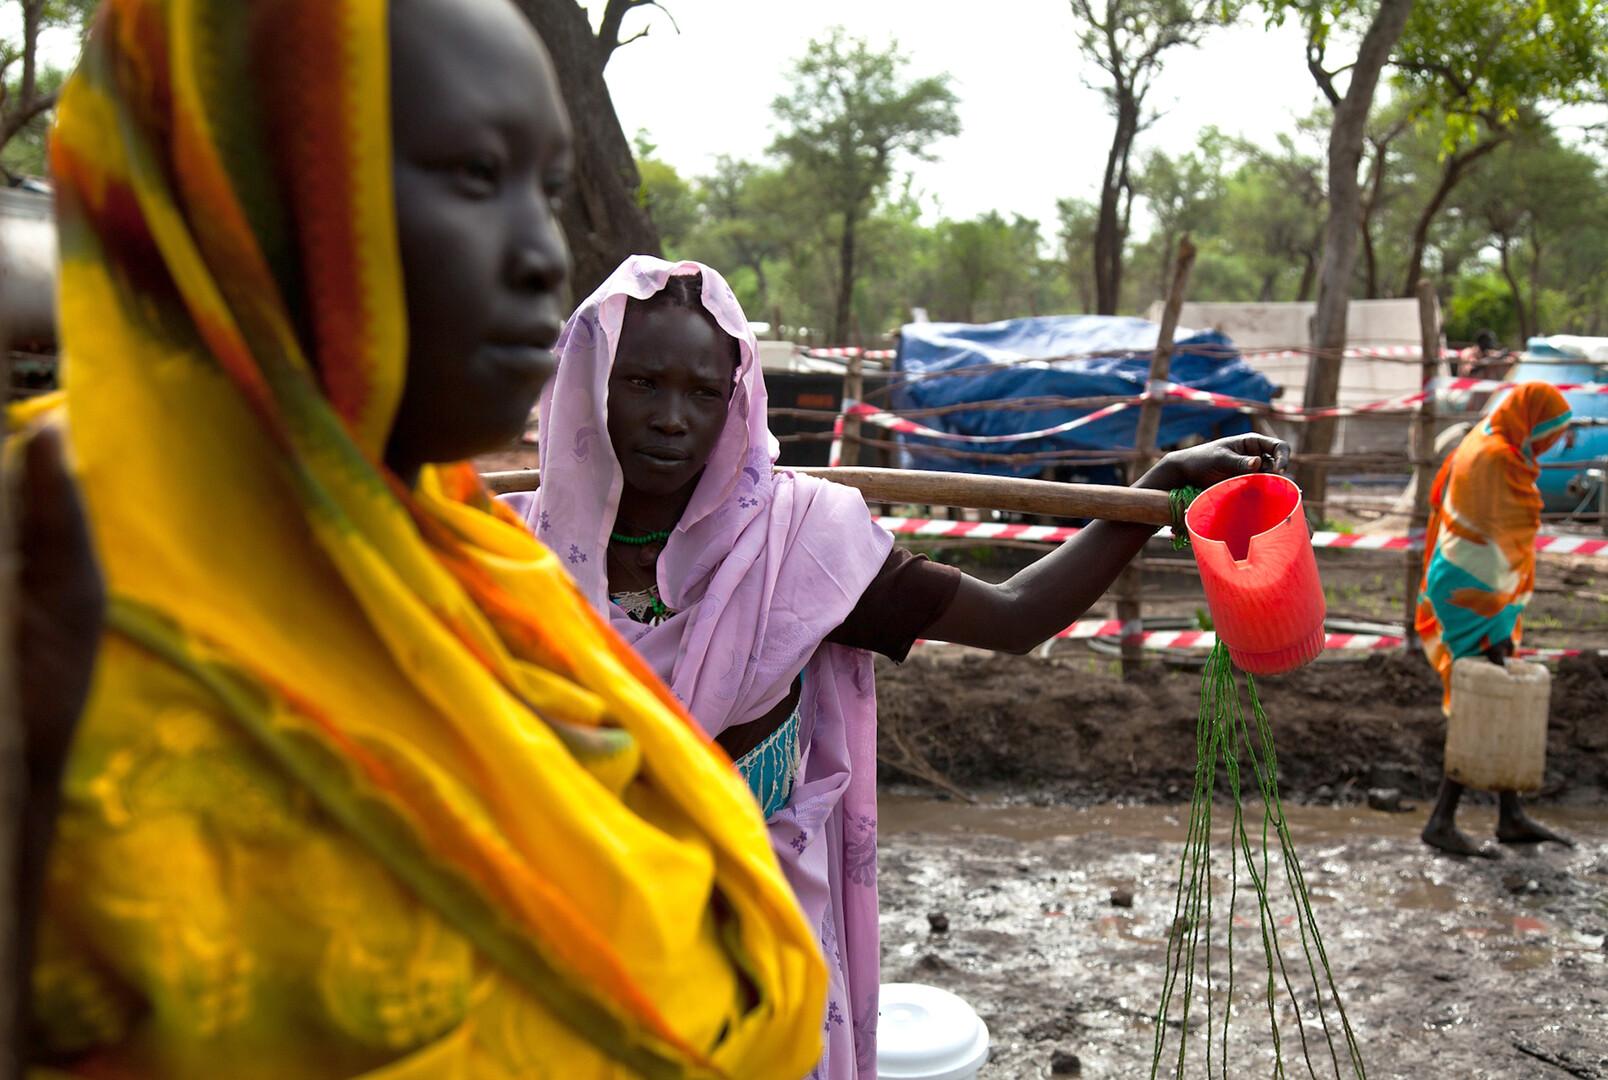 الكشف عن 4 إصابات كوليرا في السودان